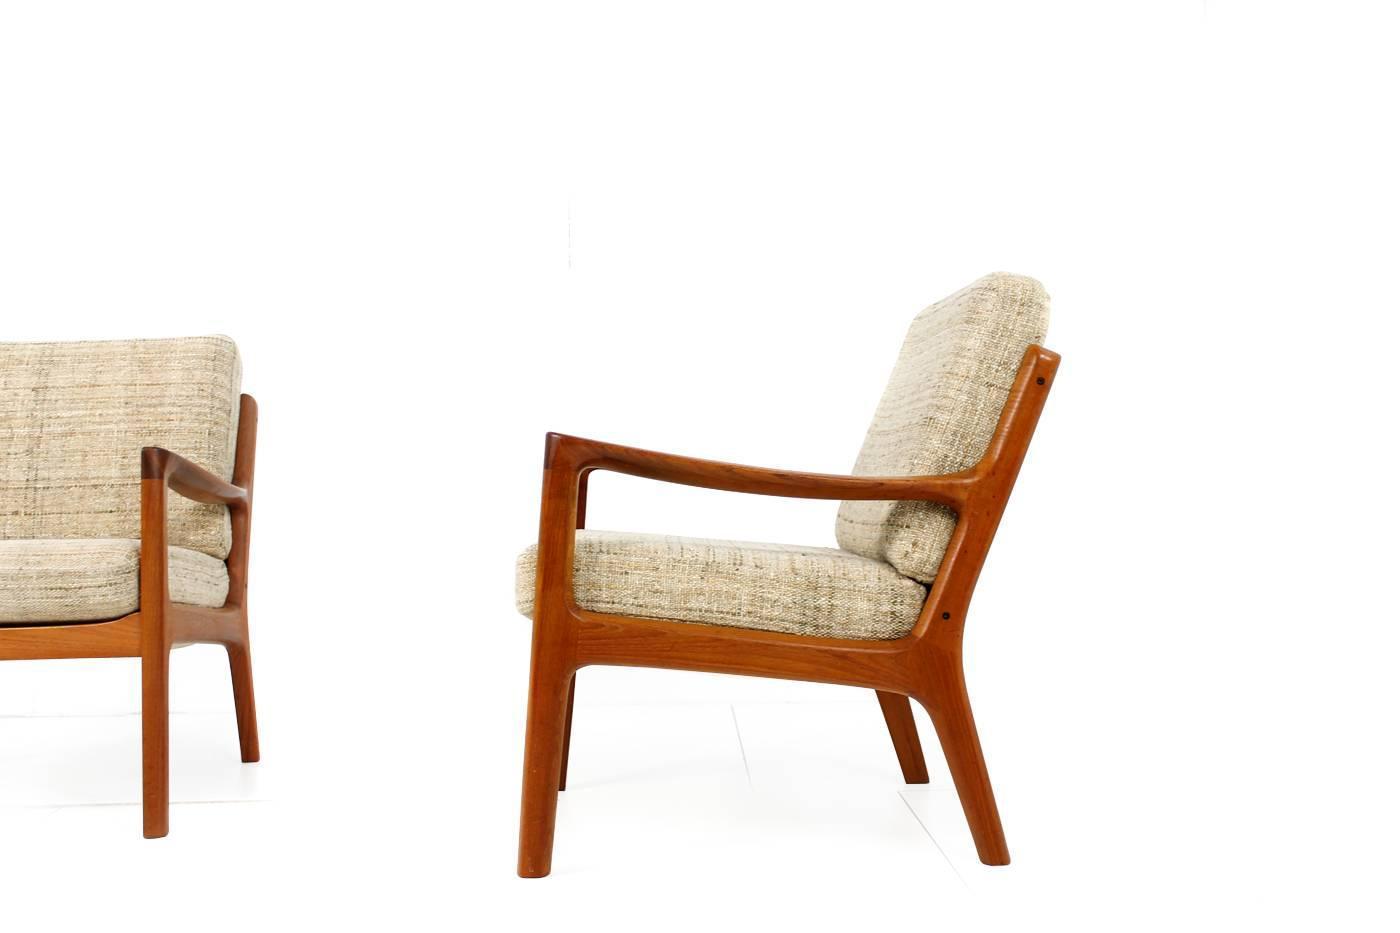 ... of Midcentury Ole Wanscher Danish Teak Easy Chairs, Denmark, 1960s